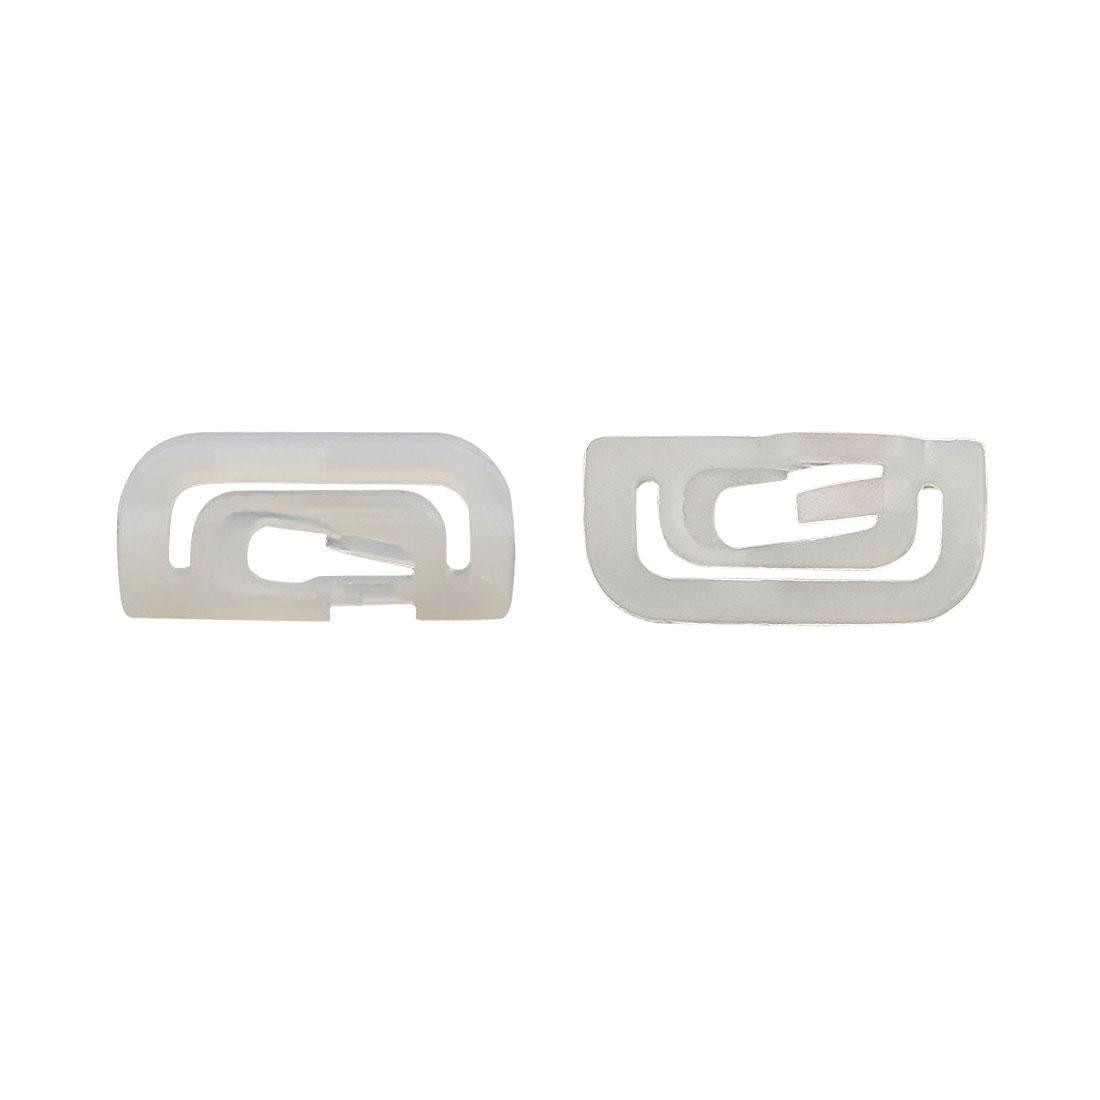 85 Pcs White Plastic Rivets Retainer Clip Bumper Fender For Auto Car